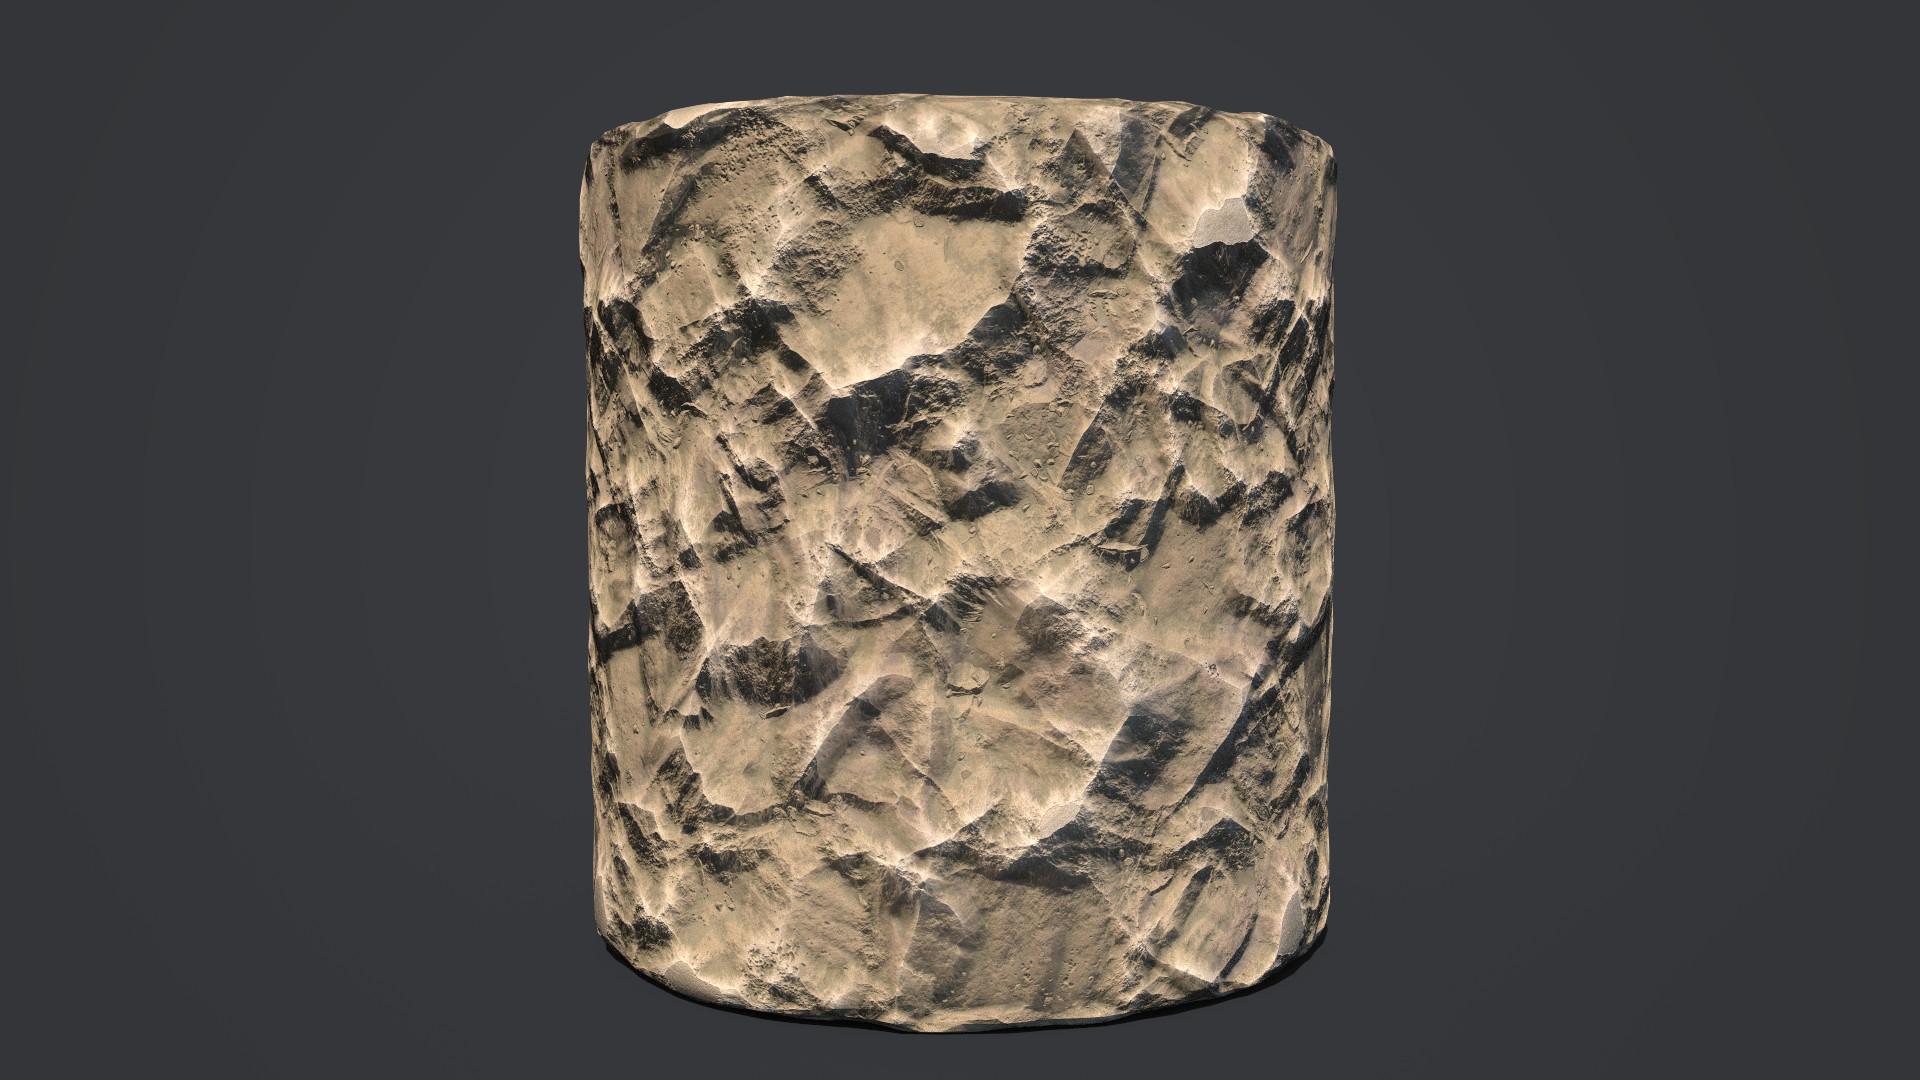 Ole midthun stone surface 1